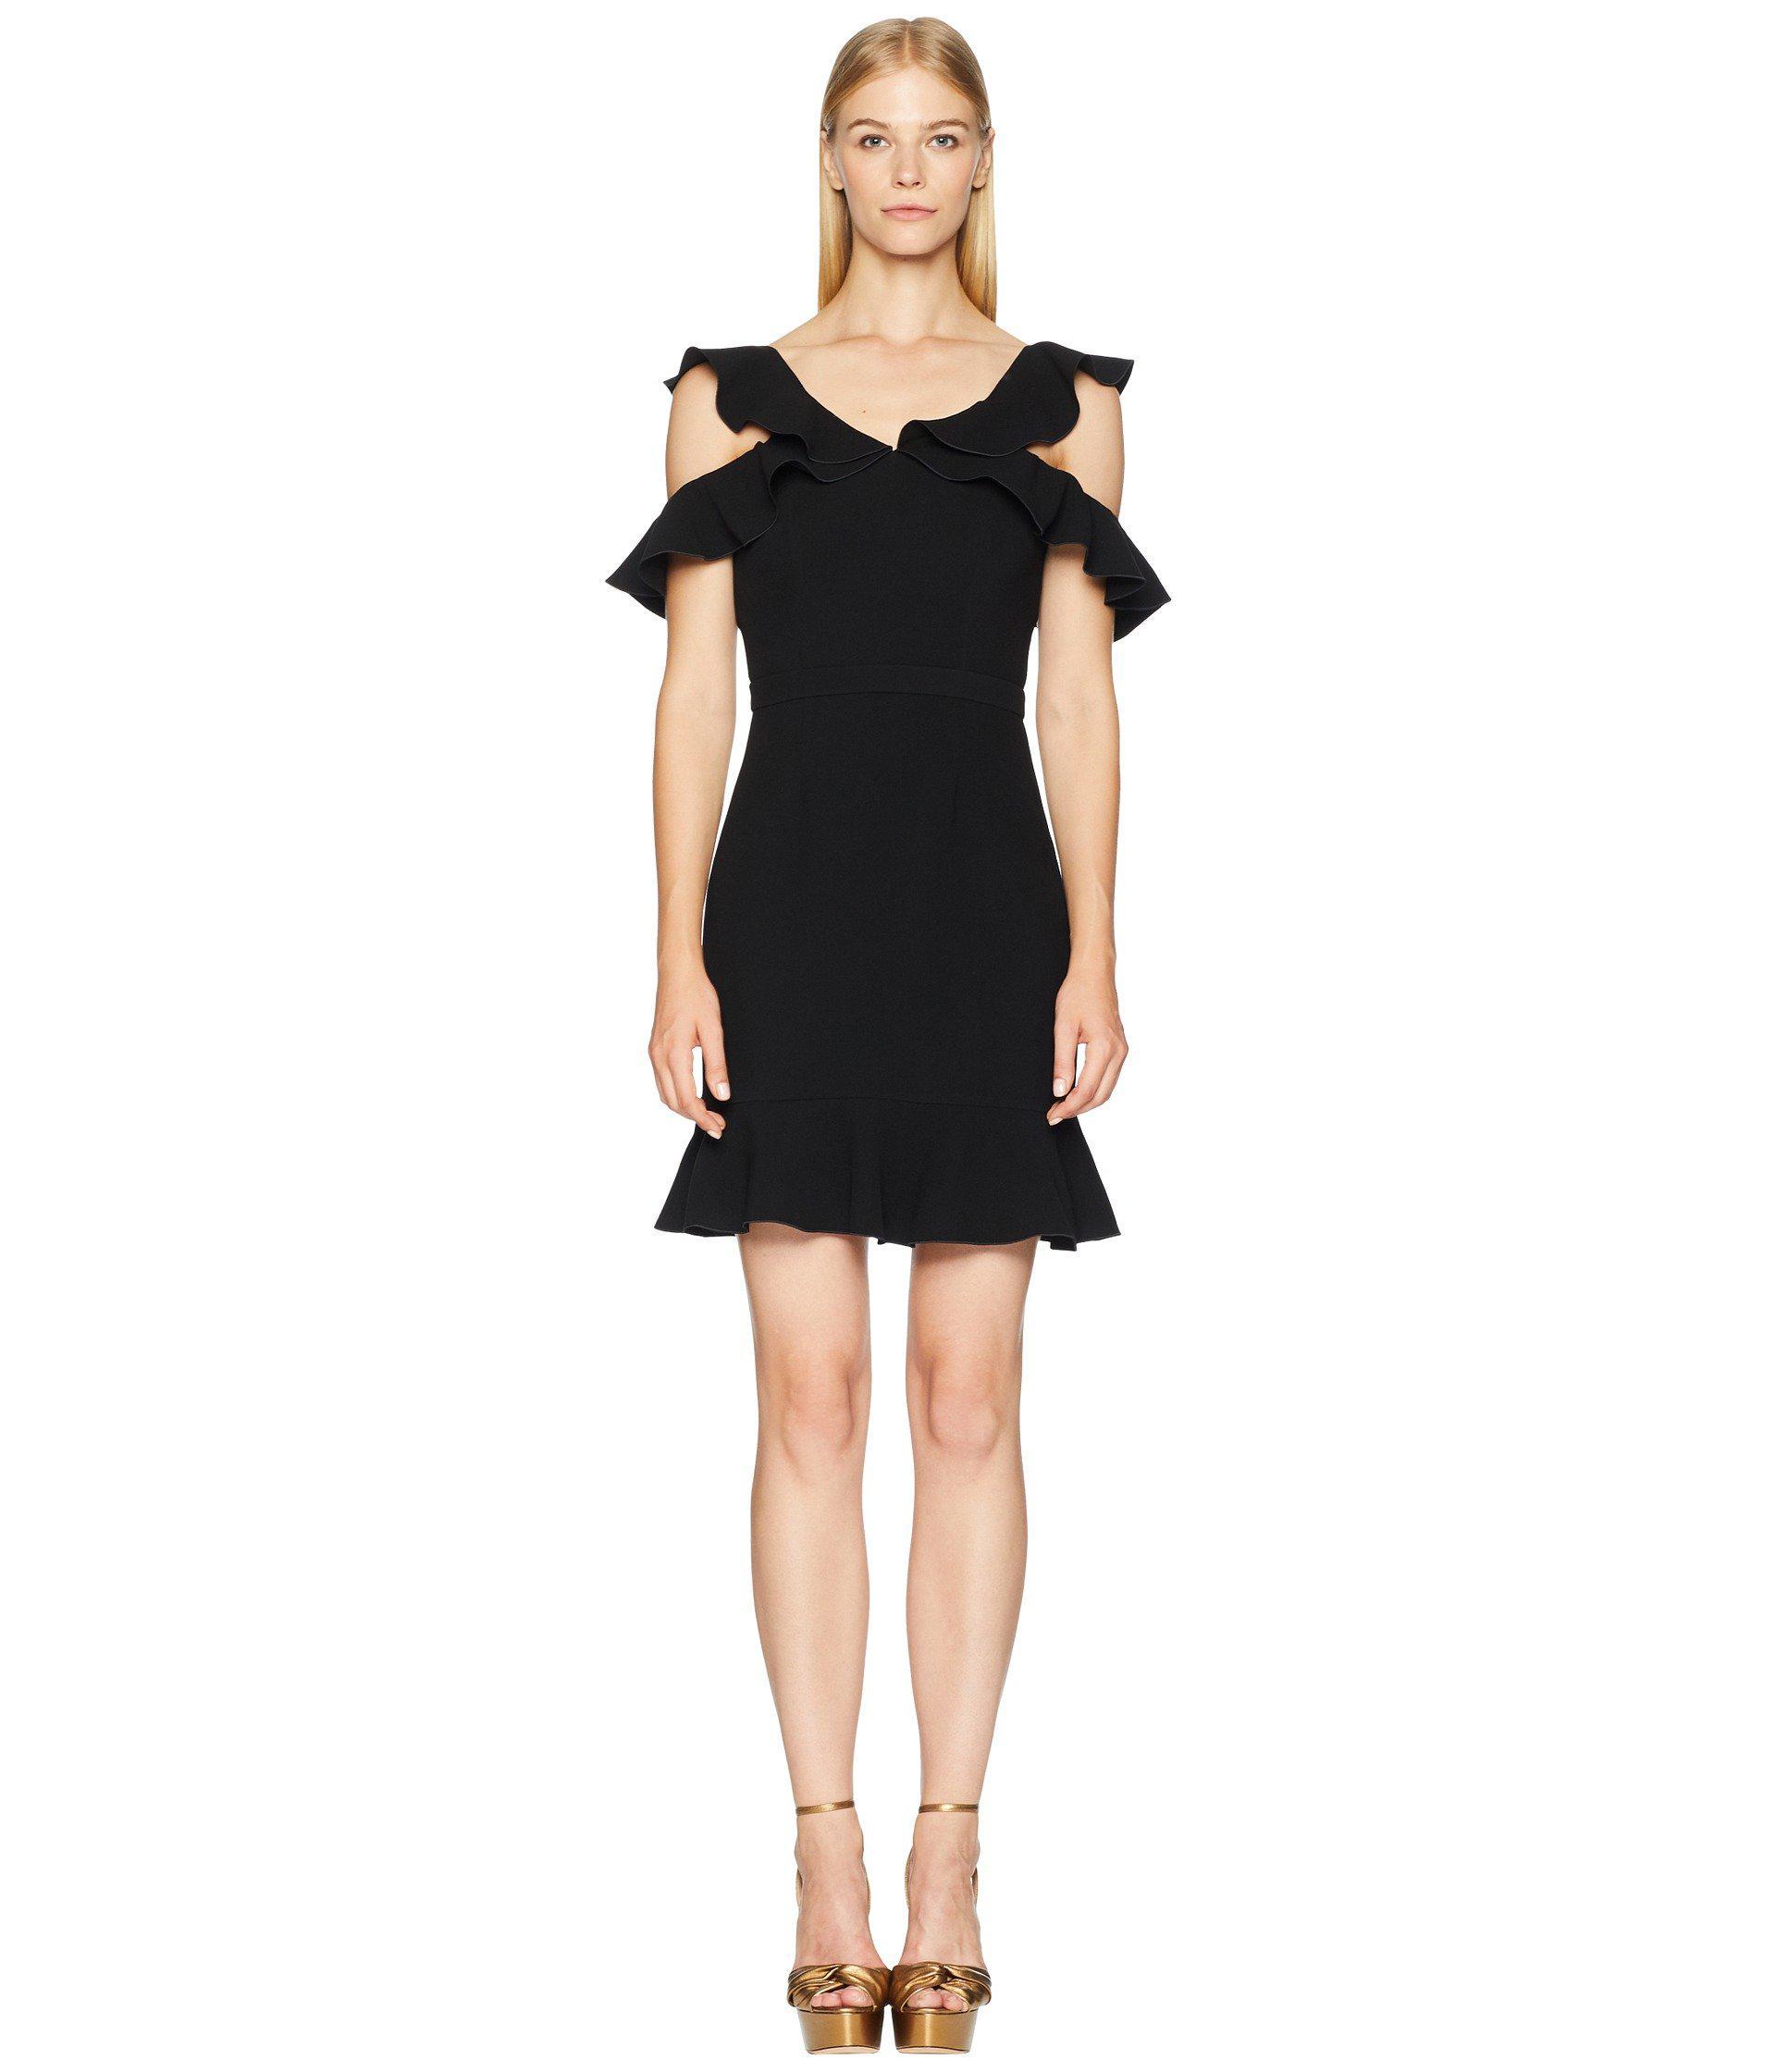 d168b51c45a Lyst - Rachel Zoe Delia Dress (black) Women s Dress in Black